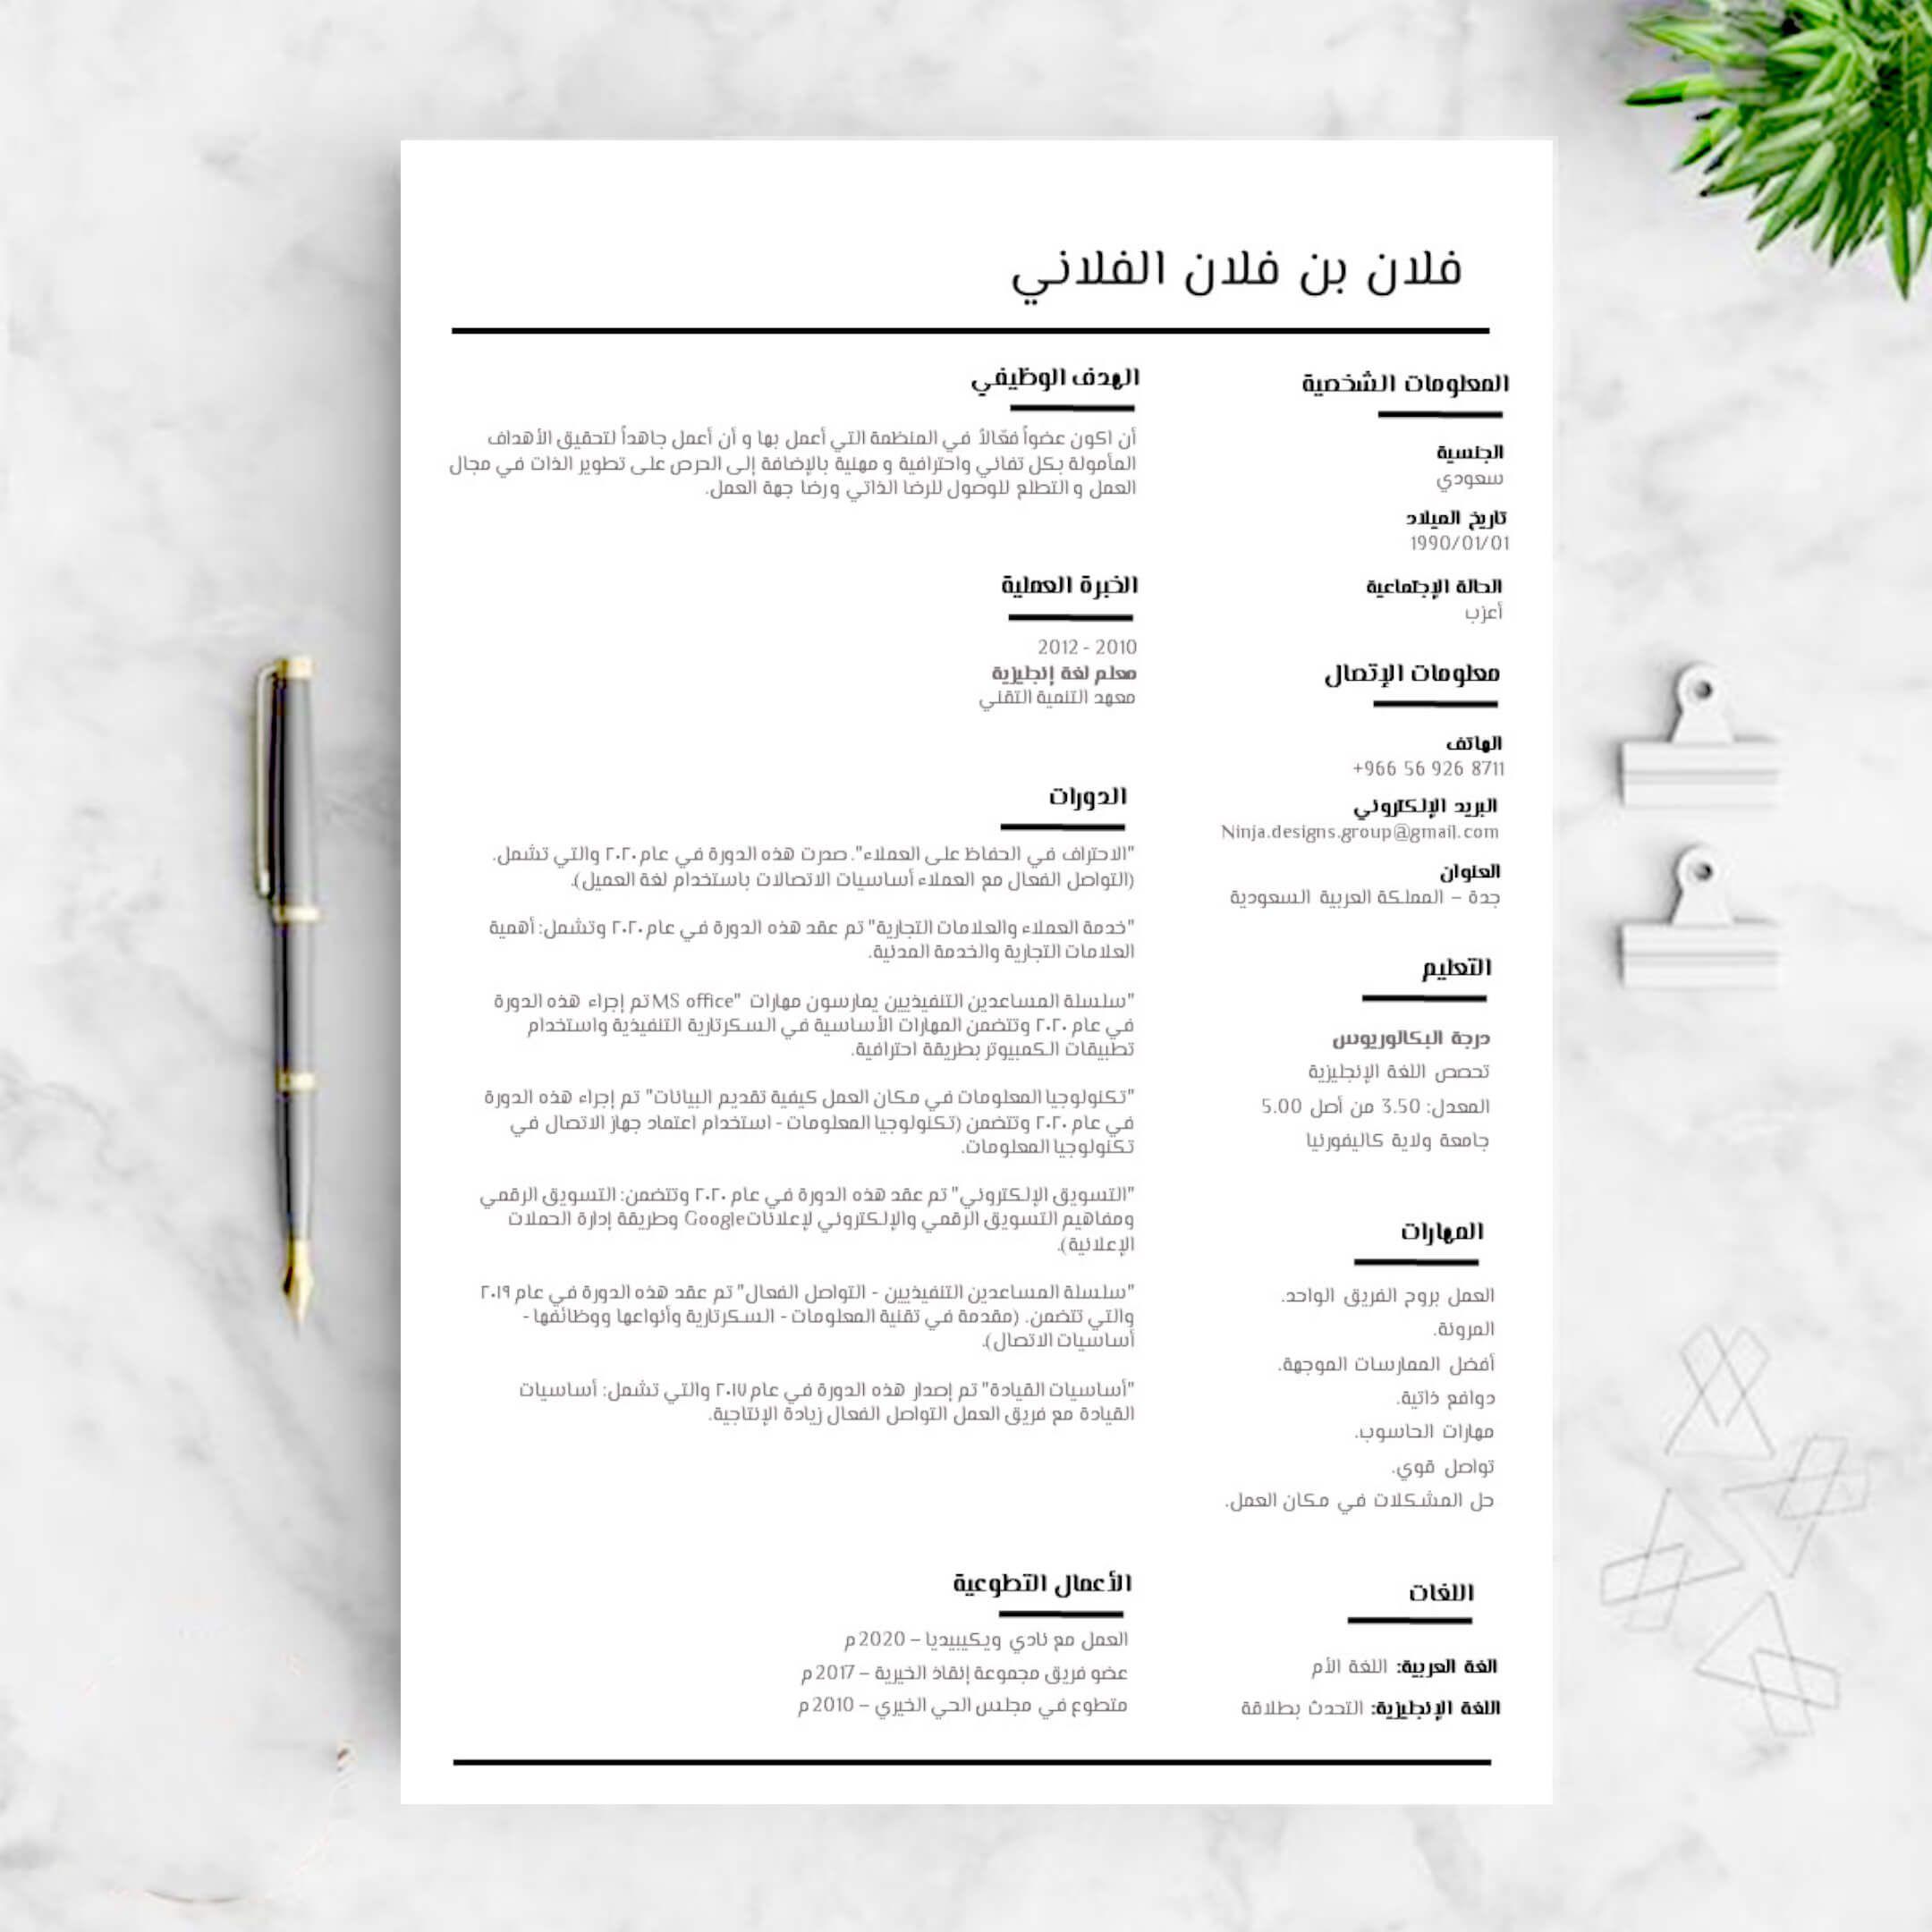 تصميم و صياغة سير ذاتية إحترافية بالعربية والإنجليزية 2020 Creative Cv Cv Design Design